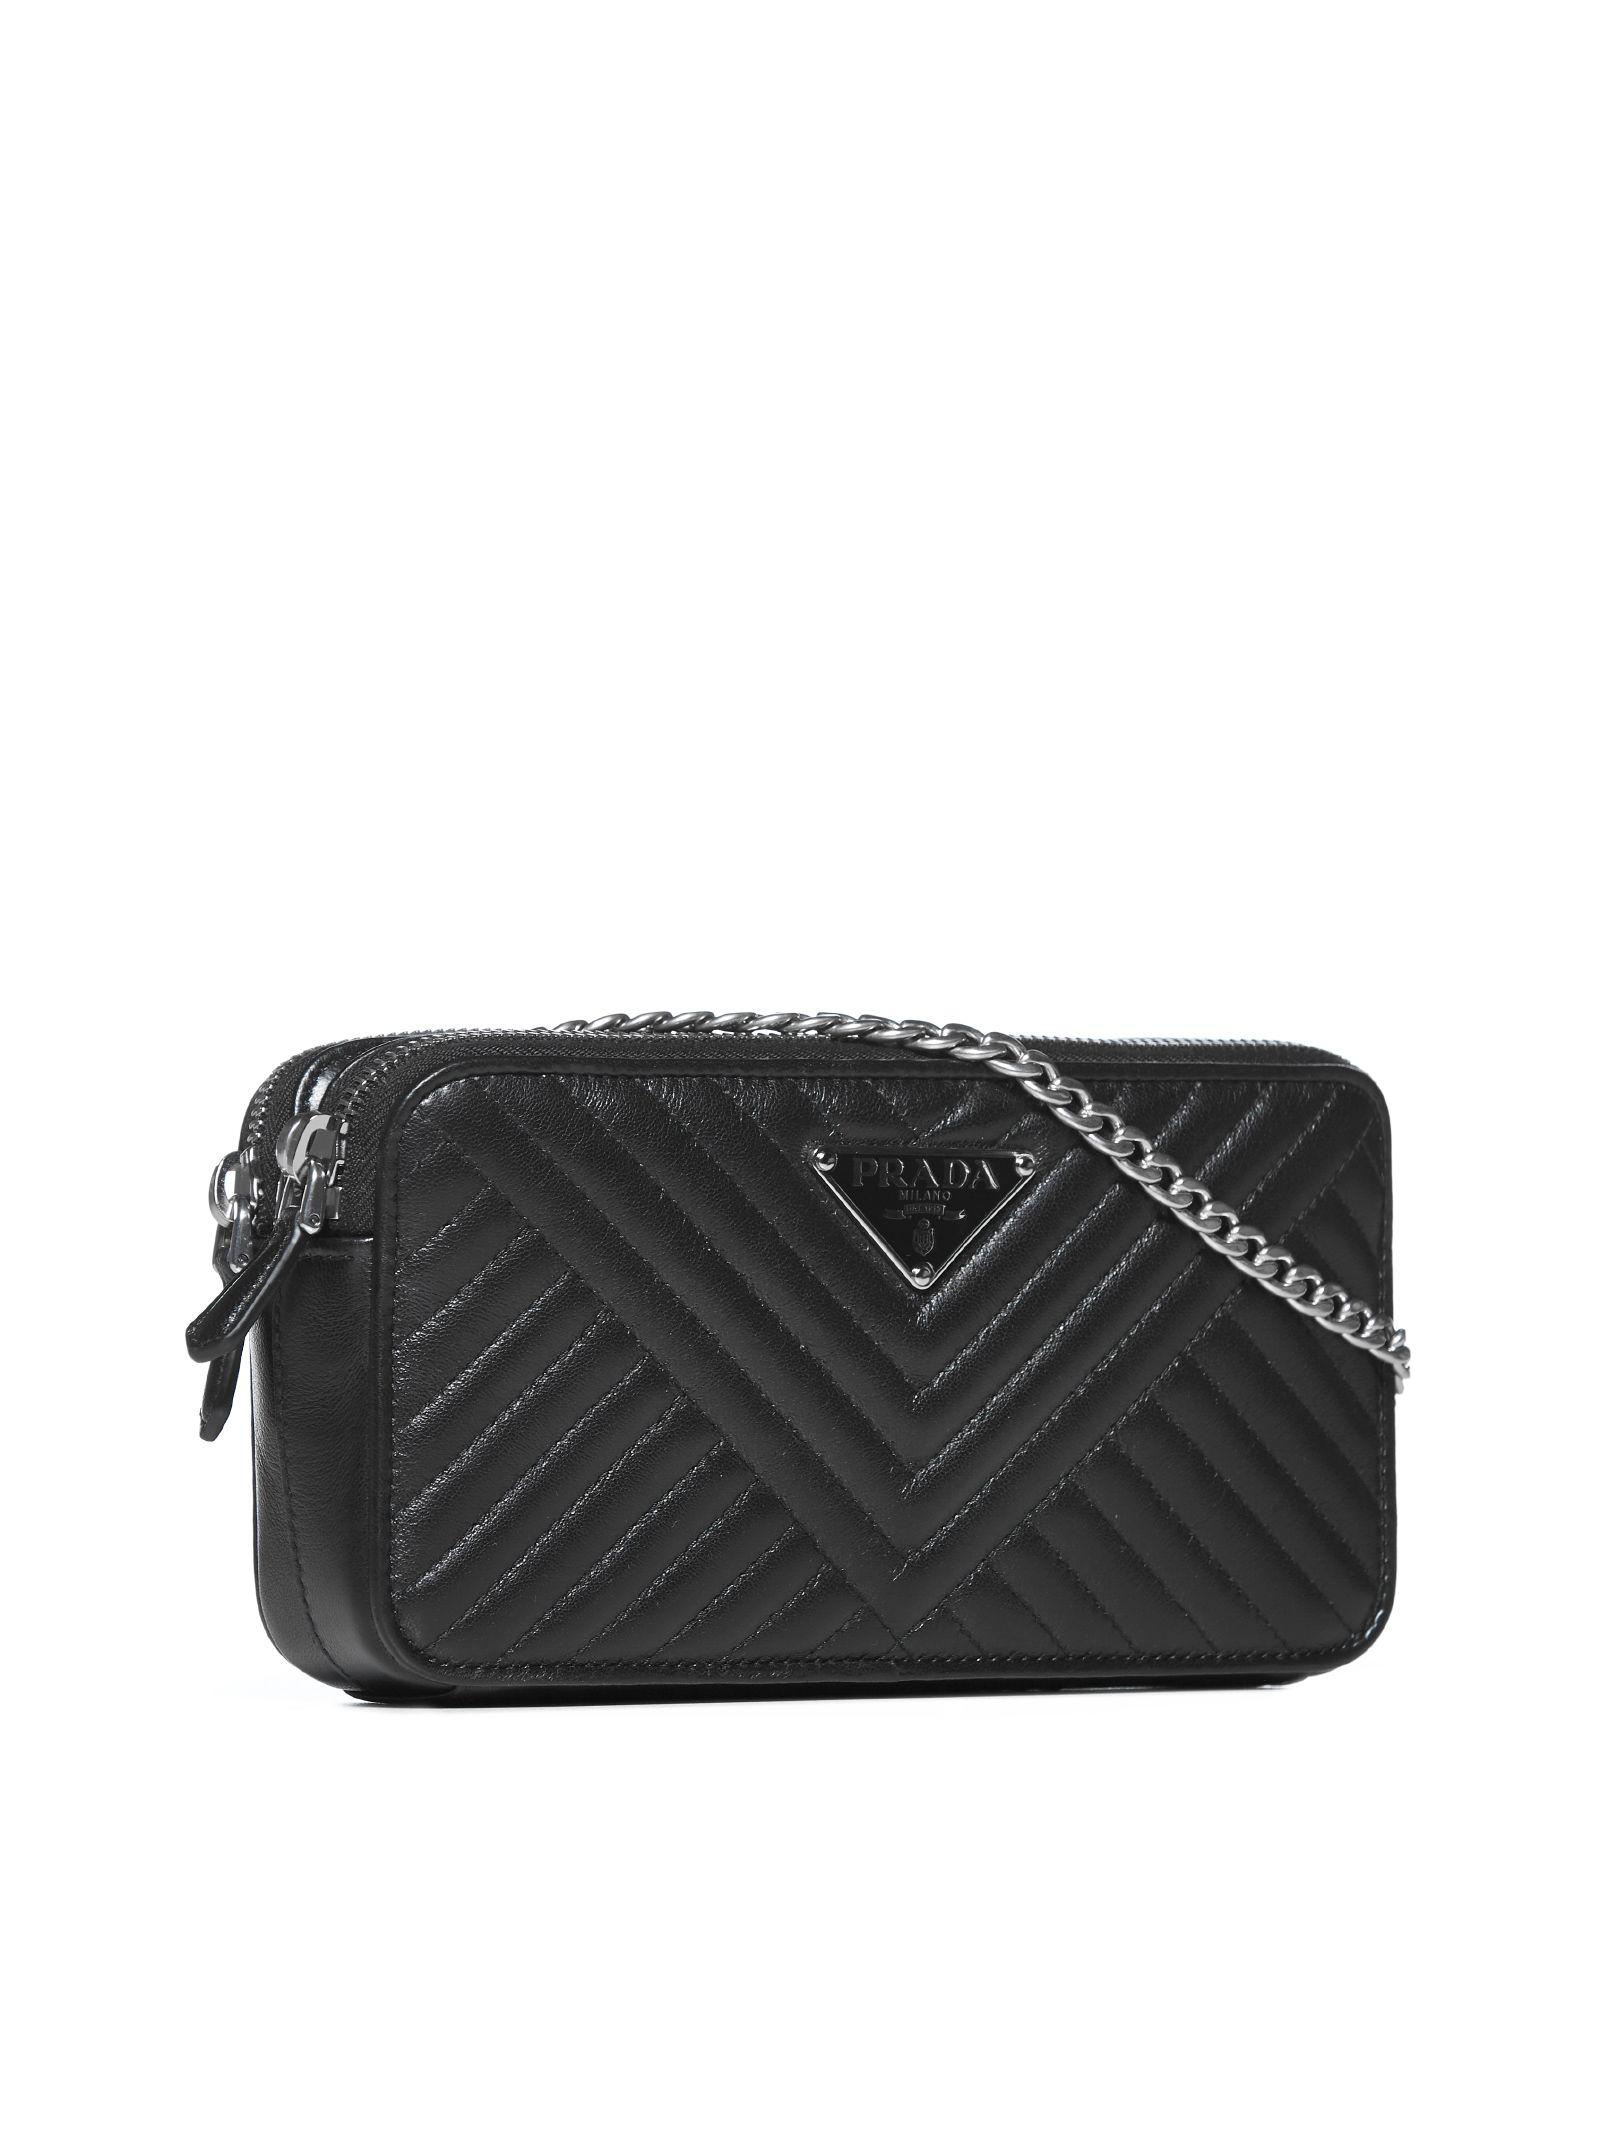 64ec8a494689 Prada Quilted Shoulder Bag - Nero Prada Quilted Shoulder Bag - Nero ...